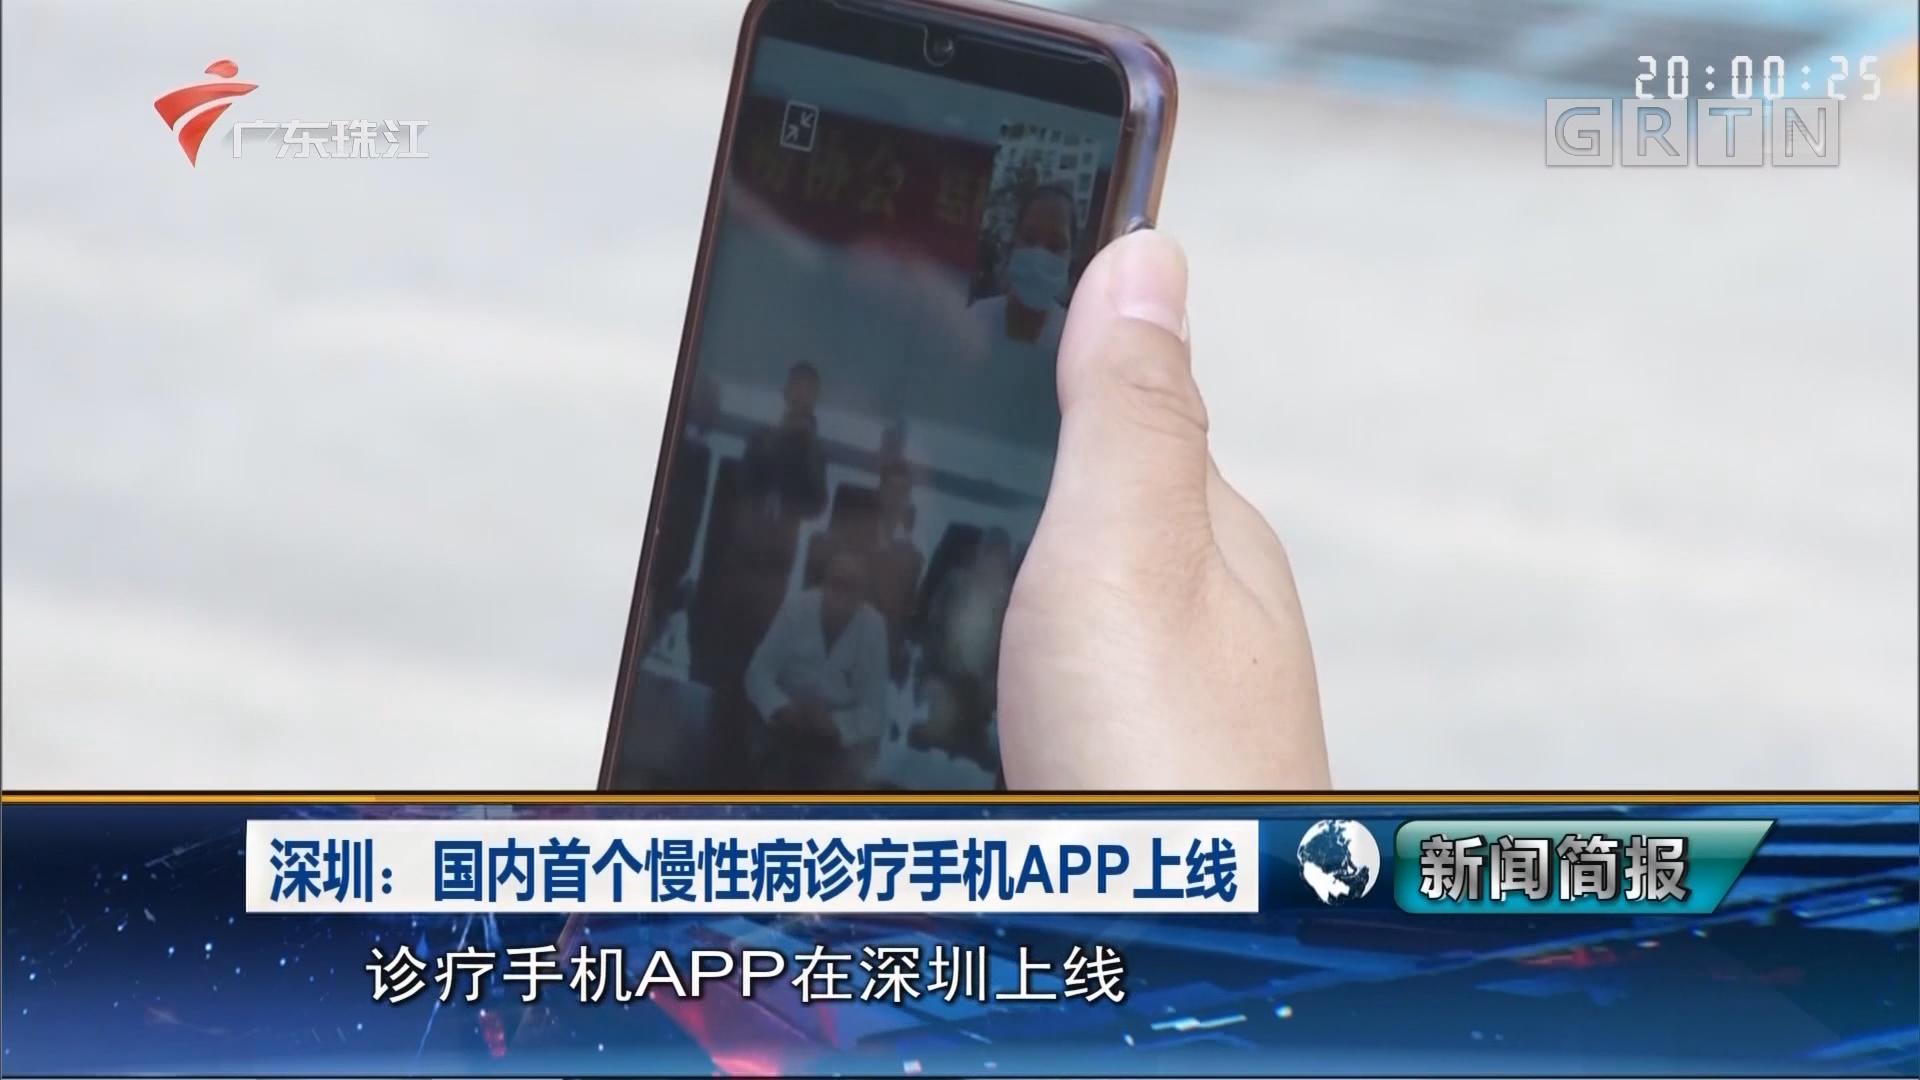 深圳:国内首个慢性病诊疗手机APP上线